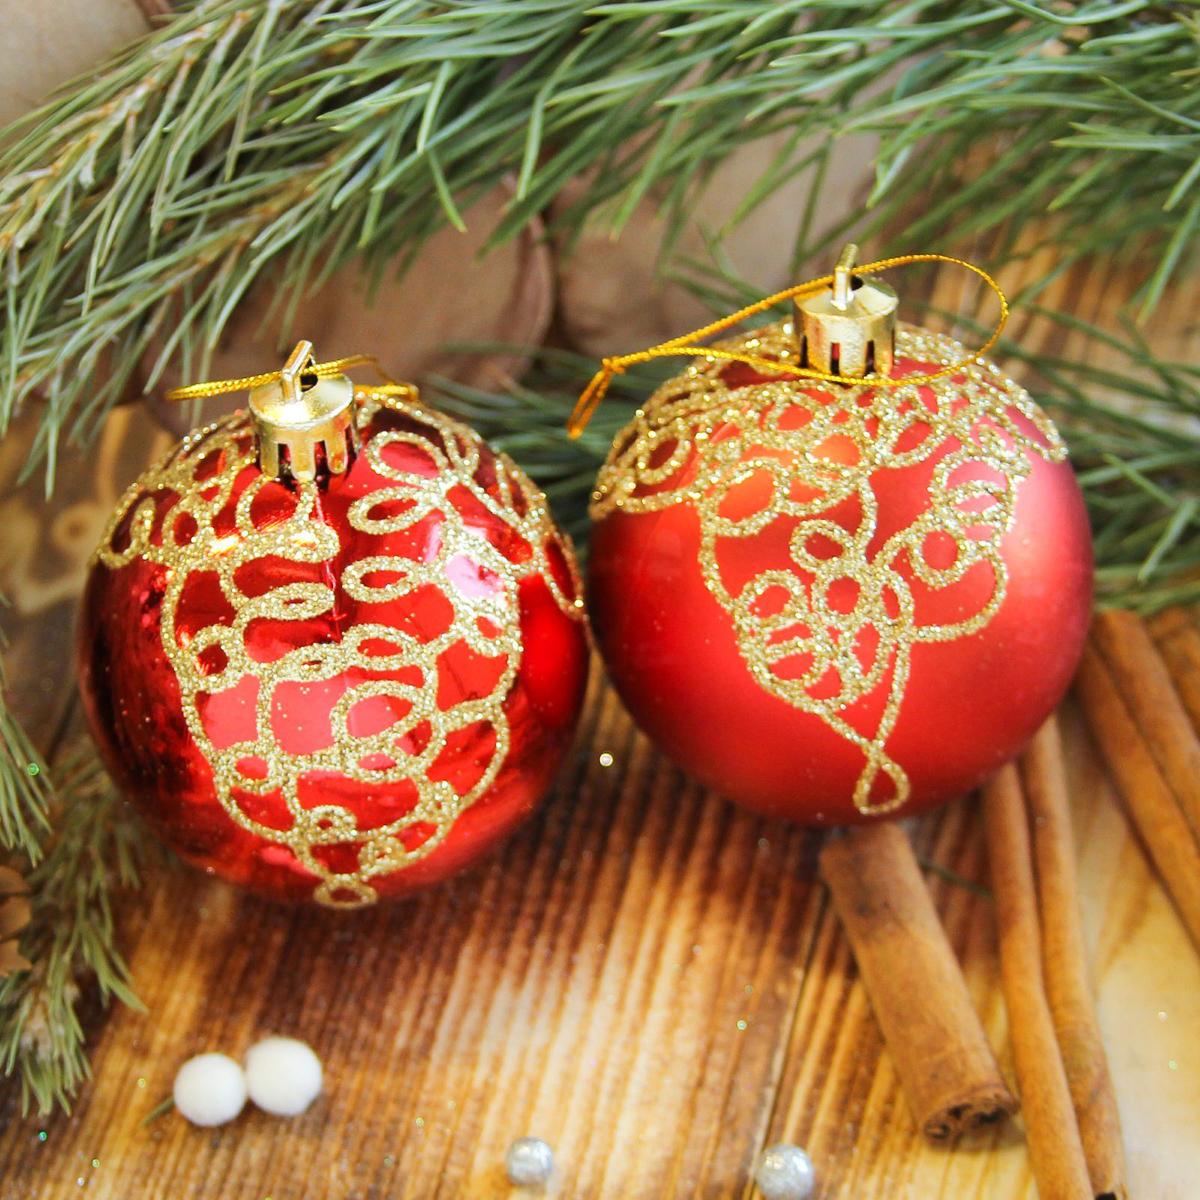 Набор новогодних подвесных украшений Sima-land Кружева, цвет: красный, диаметр 6 см, 8 шт2122929Набор новогодних подвесных украшений Sima-land отлично подойдет для декорации вашего дома и новогодней ели. С помощью специальной петельки украшение можно повесить в любом понравившемся вам месте. Но, конечно, удачнее всего оно будет смотреться на праздничной елке. Елочная игрушка - символ Нового года. Она несет в себе волшебство и красоту праздника. Создайте в своем доме атмосферу веселья и радости, украшая новогоднюю елку нарядными игрушками, которые будут из года в год накапливать теплоту воспоминаний.